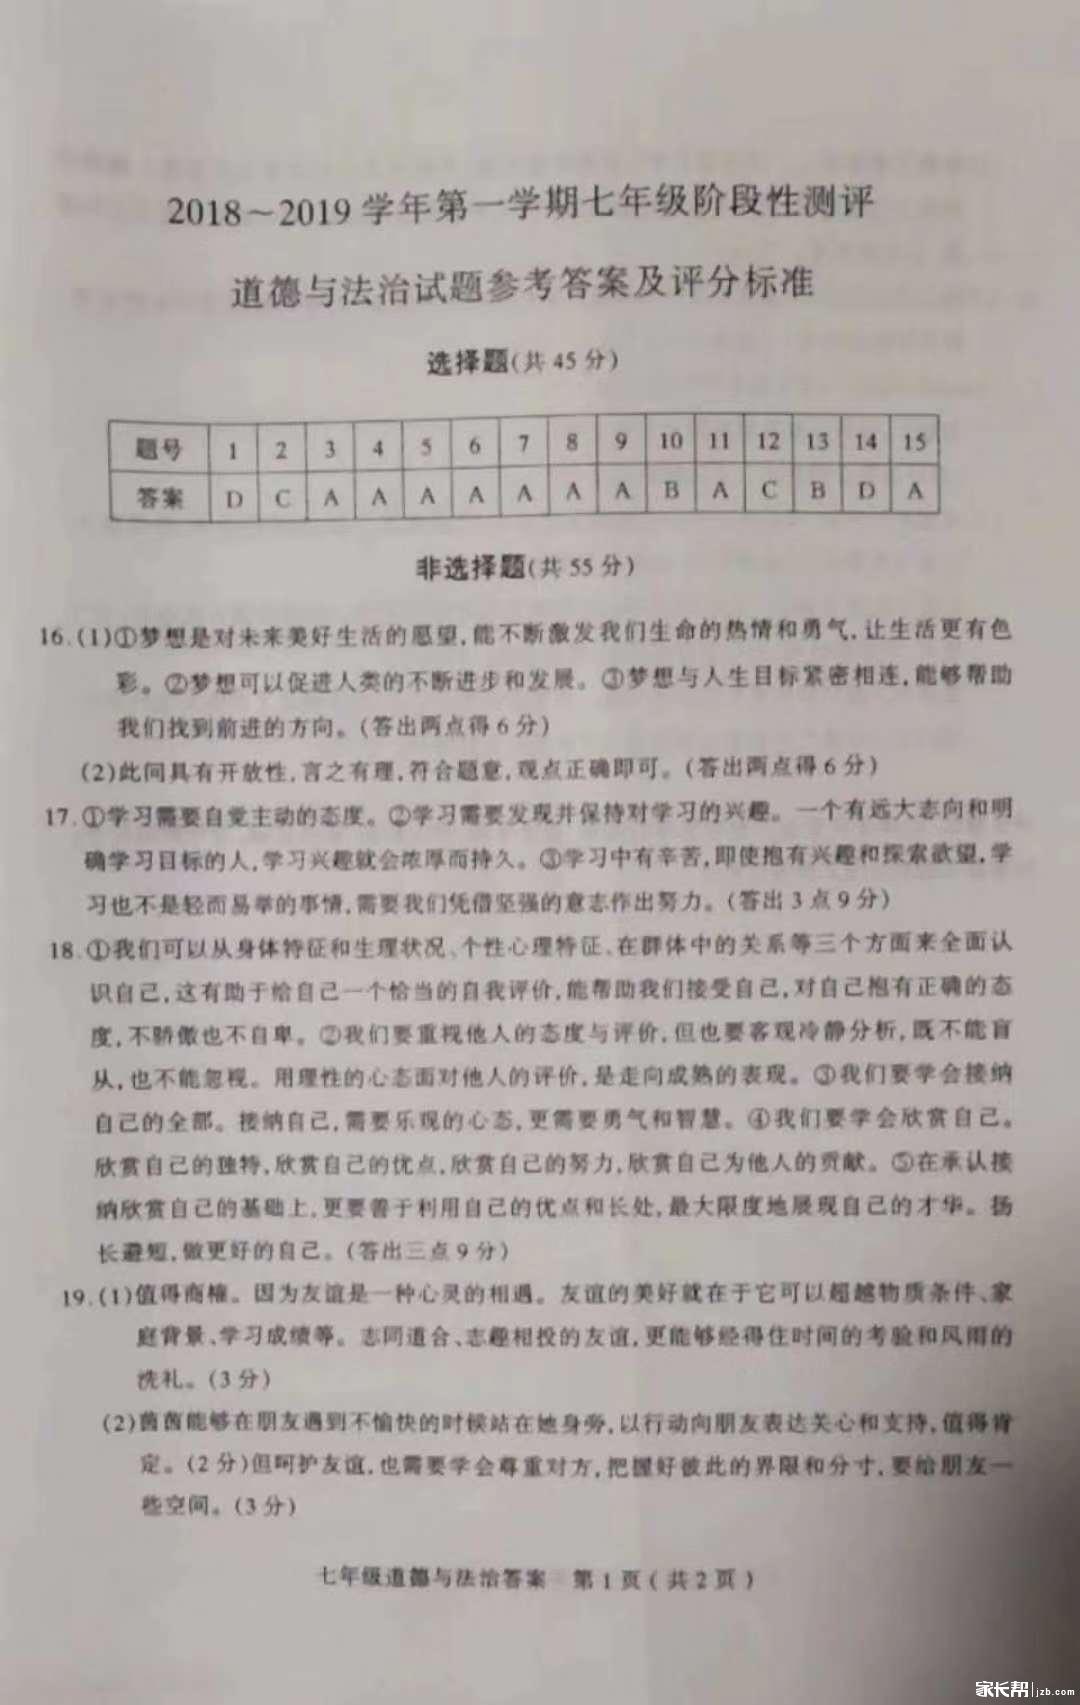 七年级道法答案1.jpg